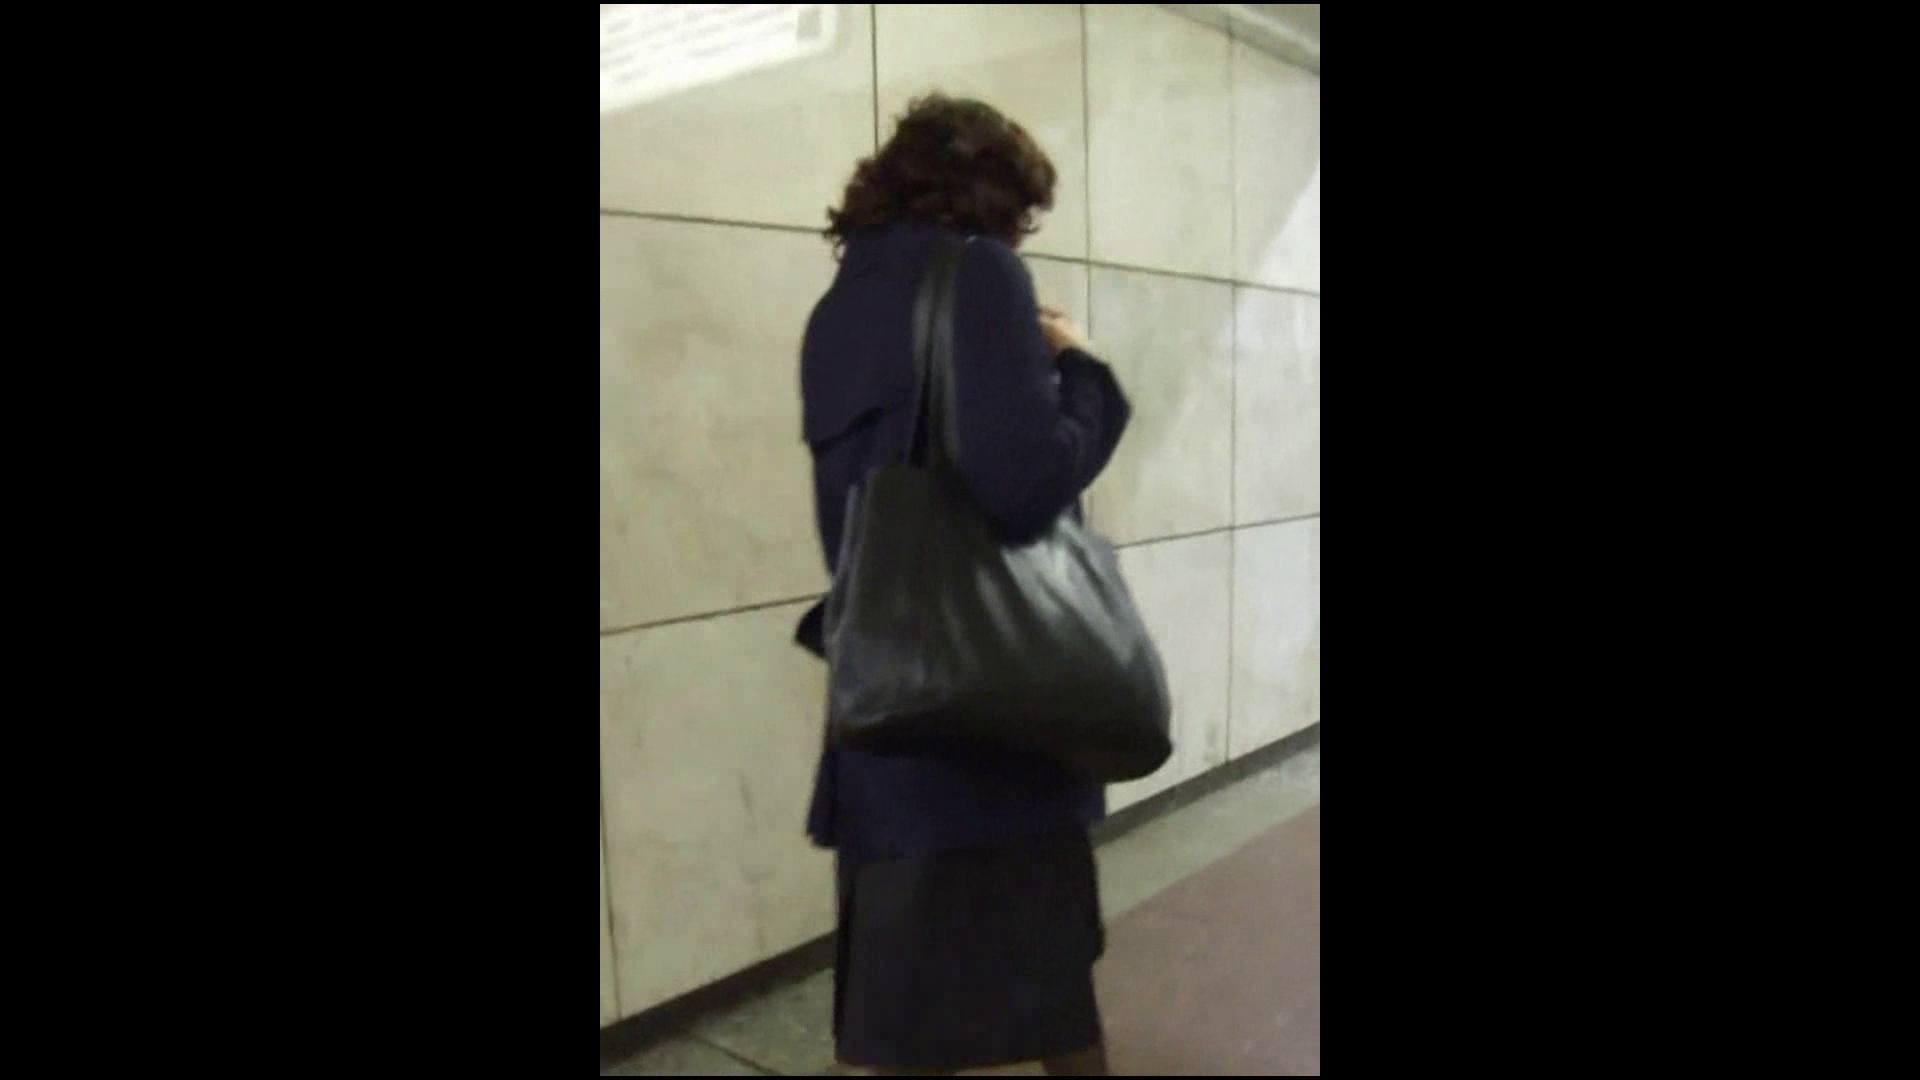 綺麗なモデルさんのスカート捲っちゃおう‼vol05 モデルのエロ生活 | OLのエロ生活  62連発 13